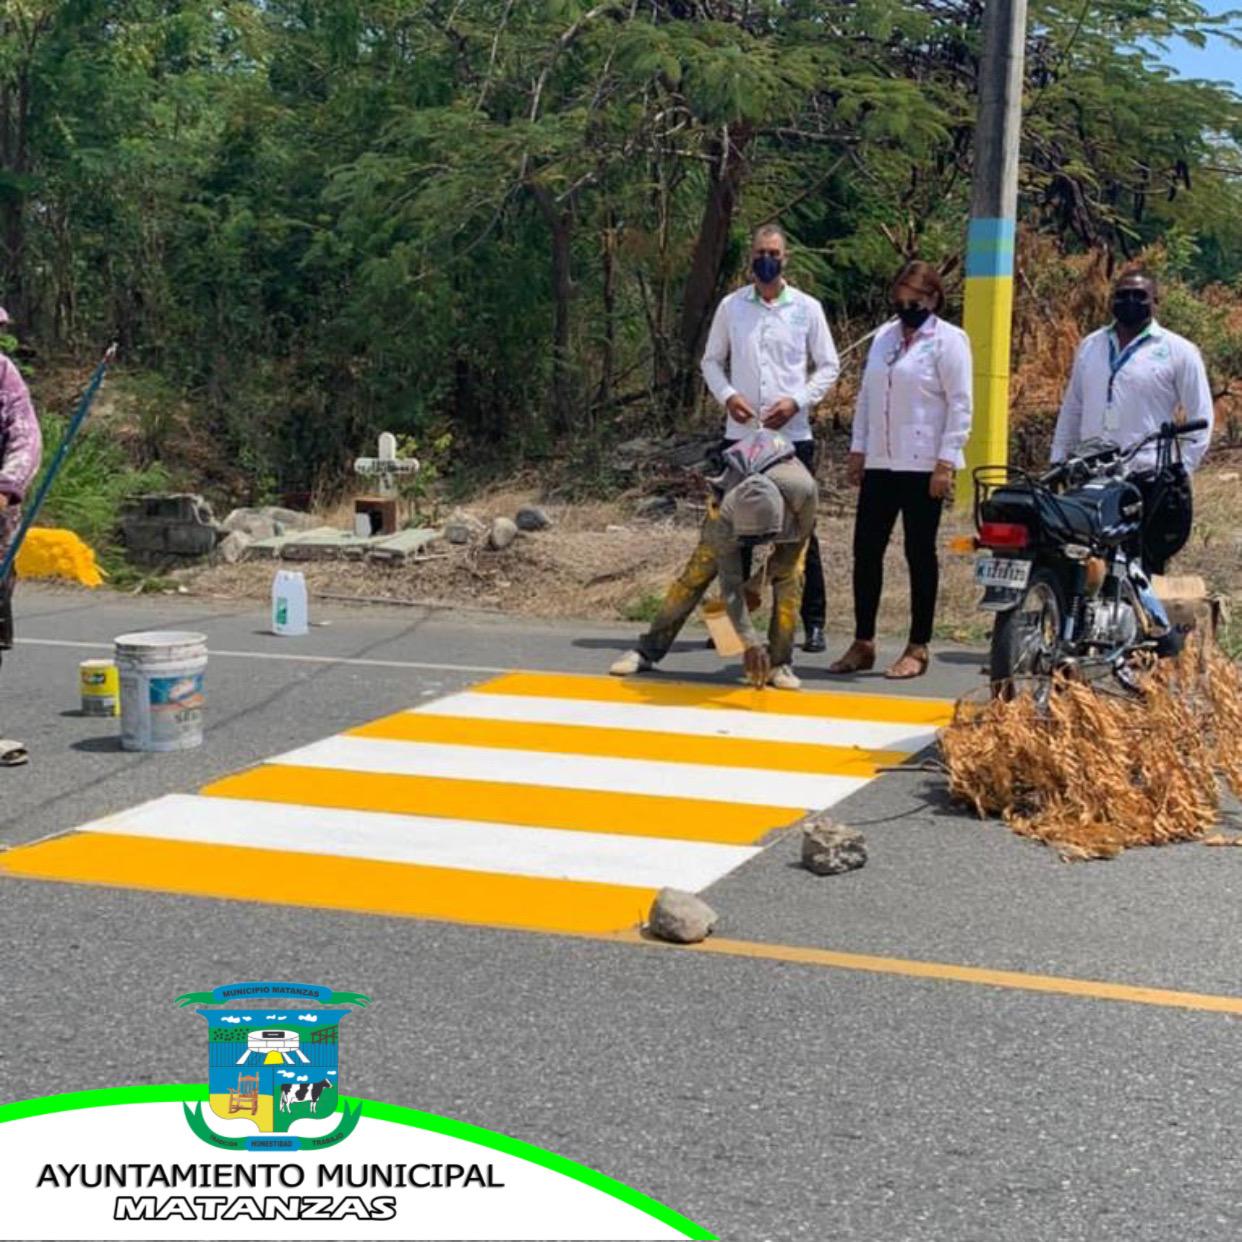 Damos inicio al programa de señalización en el Municipio de Matanzas.